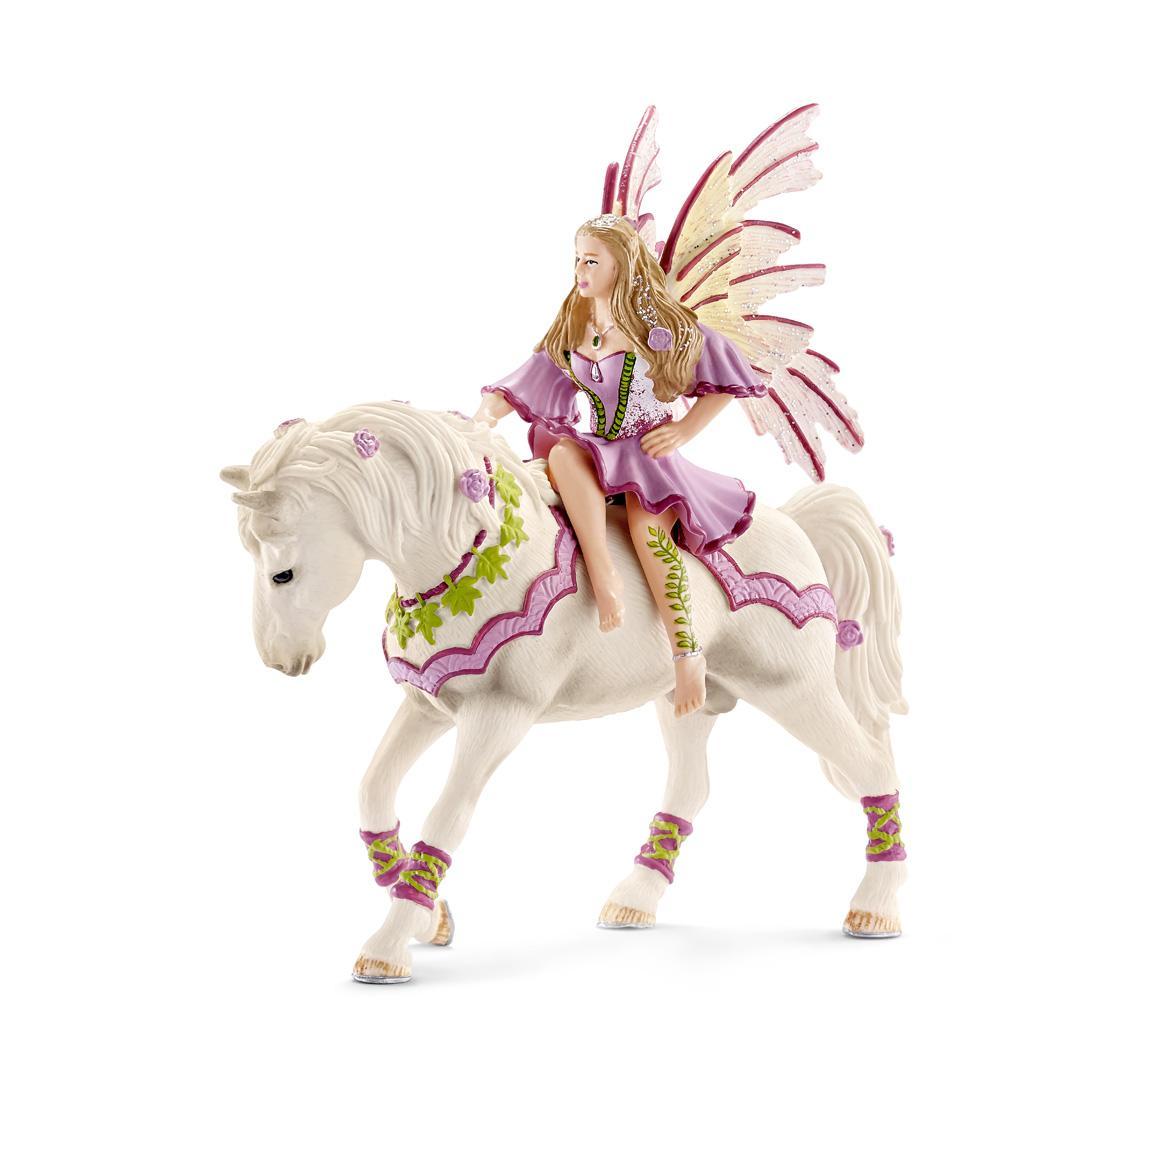 Amazon.com: Schleich Bayala Feya: Toys & Games